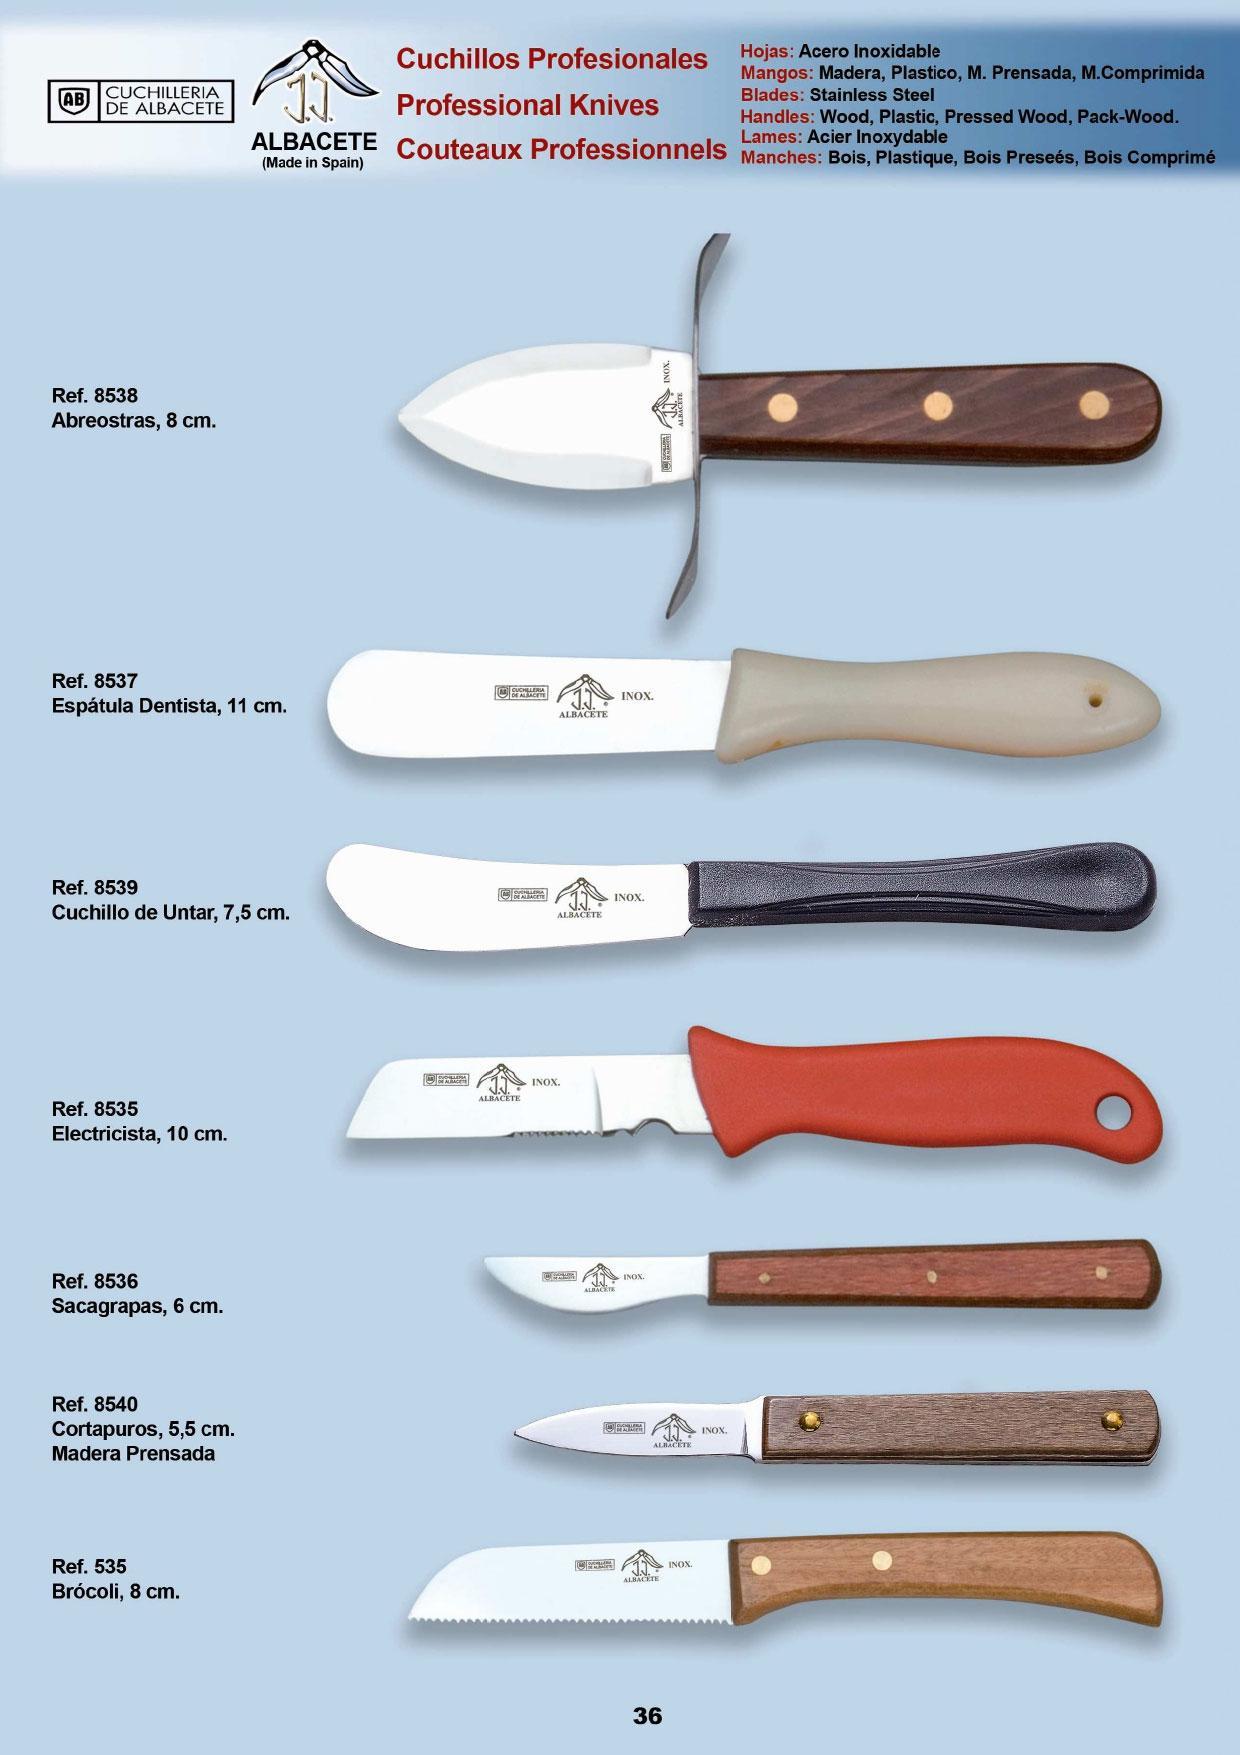 8538 utiles profesionales jj cuchilleria menaje cocina for Cuchilleria profesional cocina